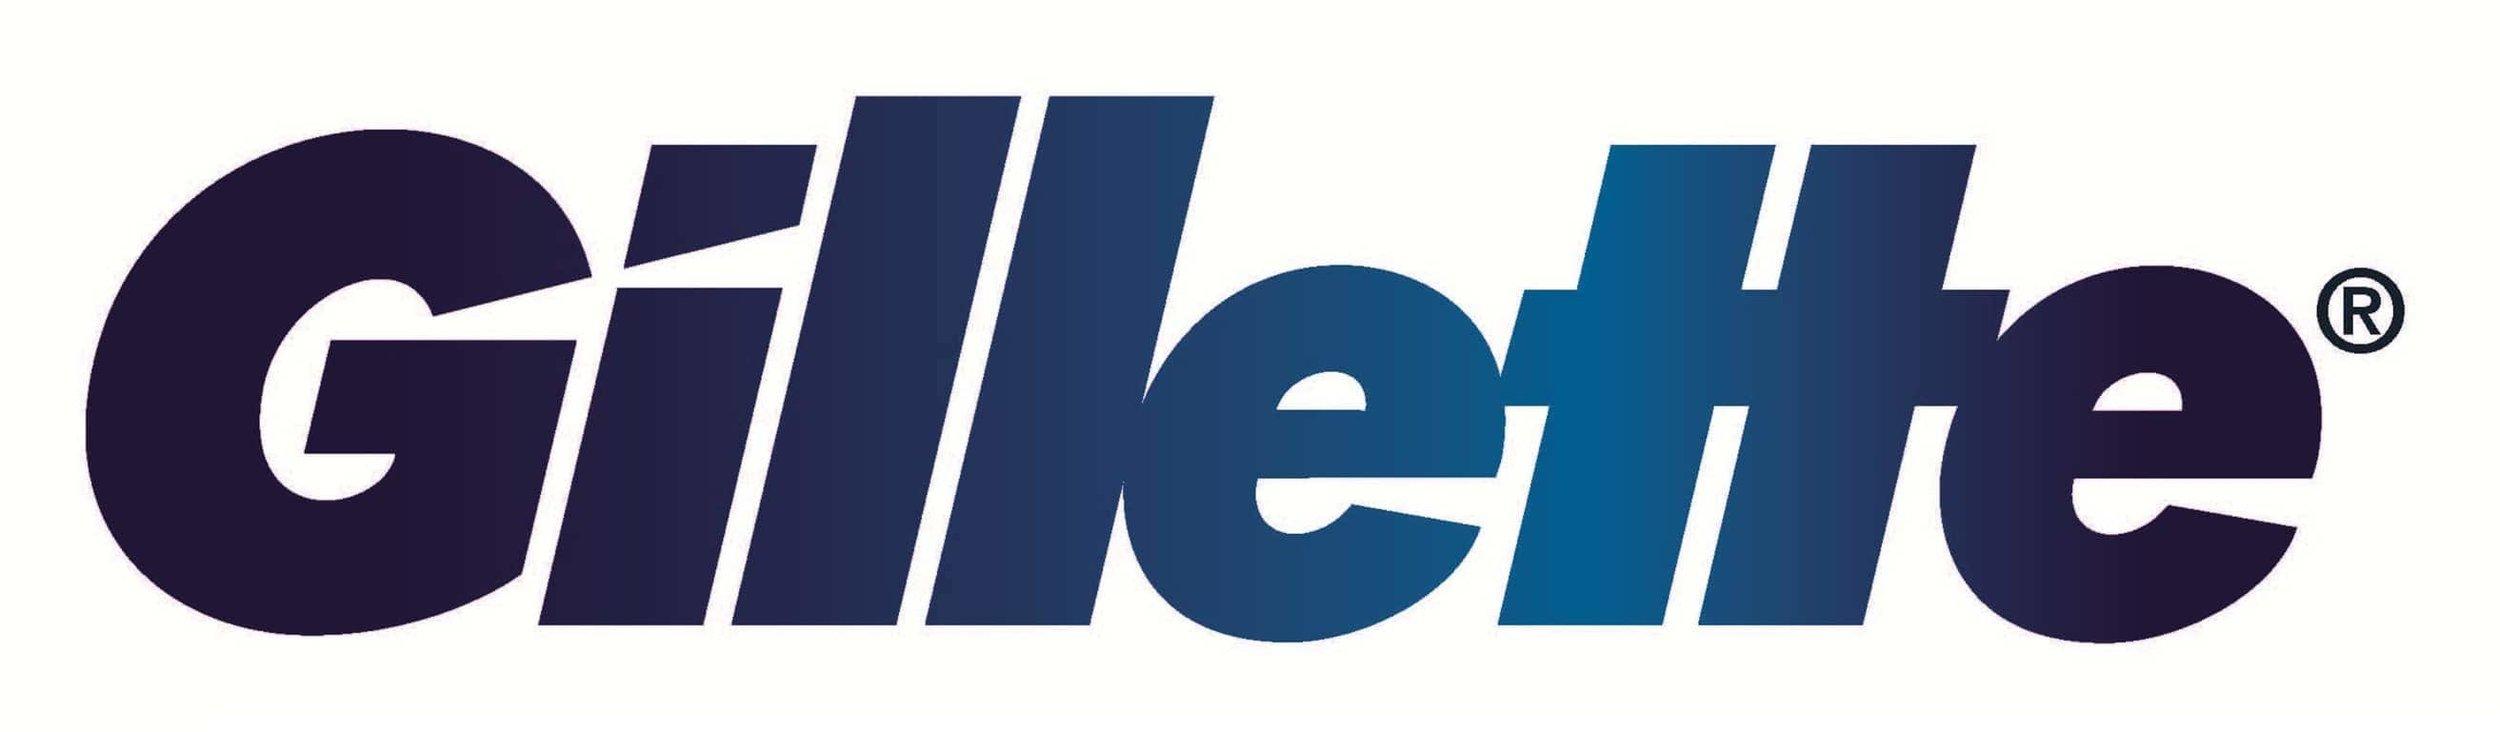 Gillette-Logo-Vector-Free-Download.jpg